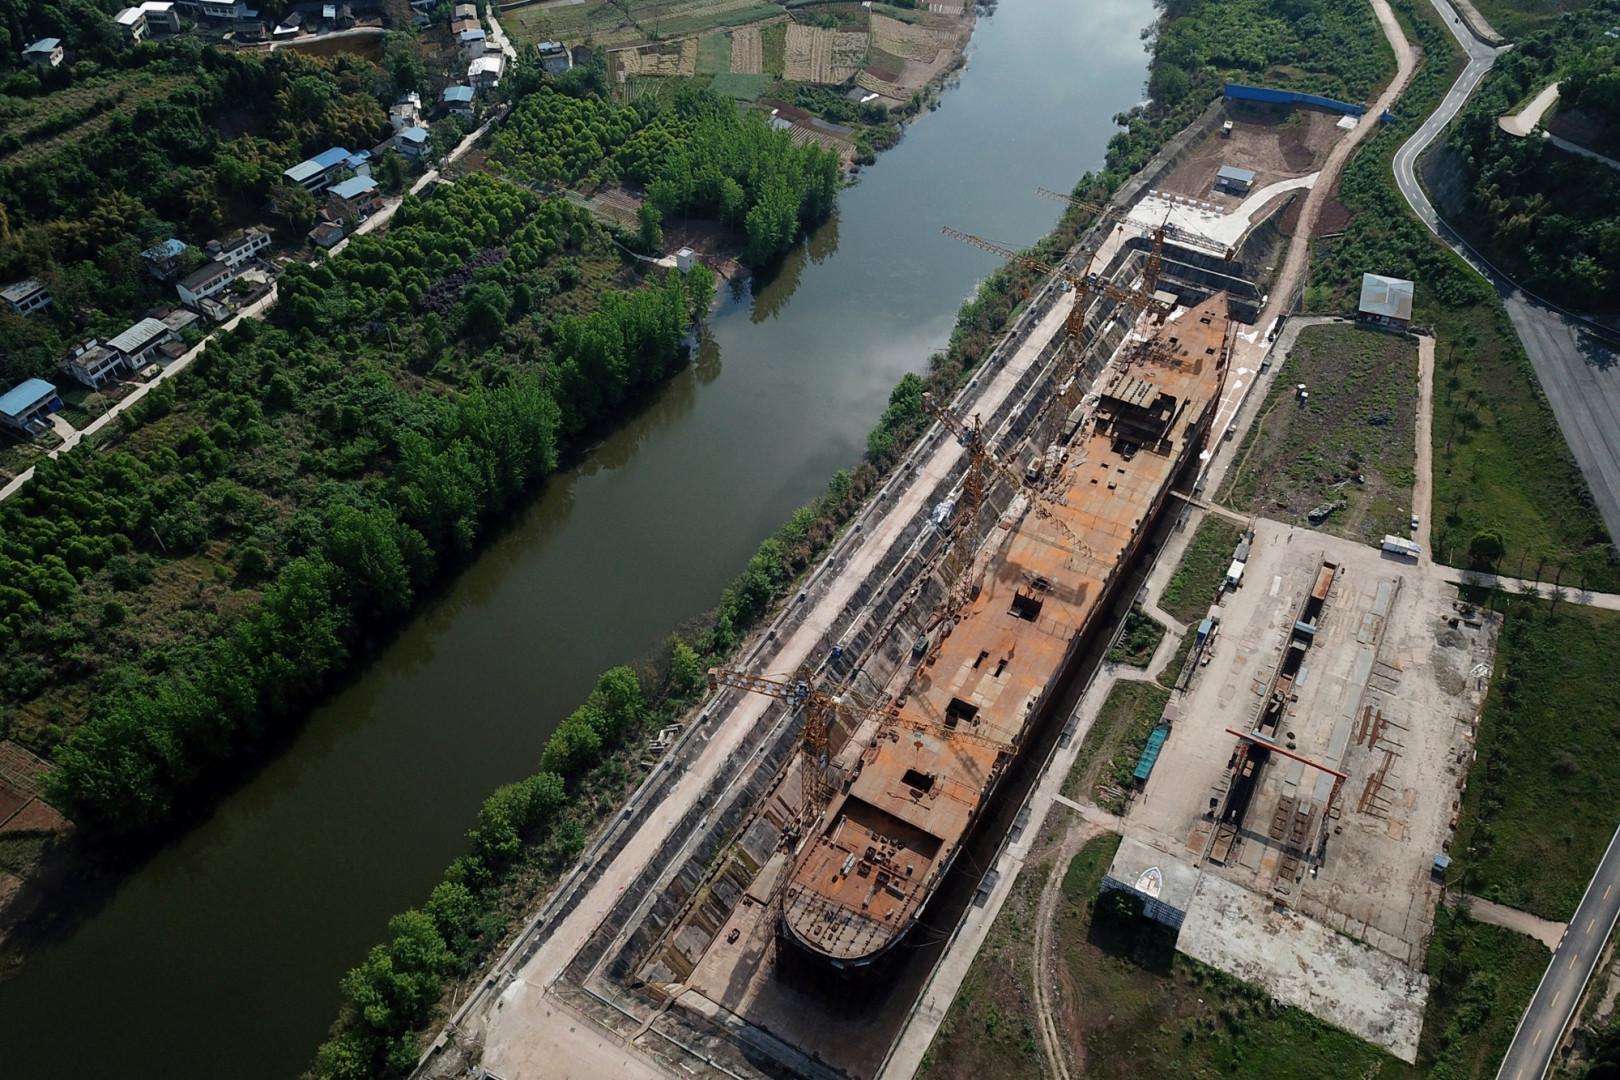 Ce projet aura coûté 10 milliards de yuans, soit 1,2 milliard d'euros.